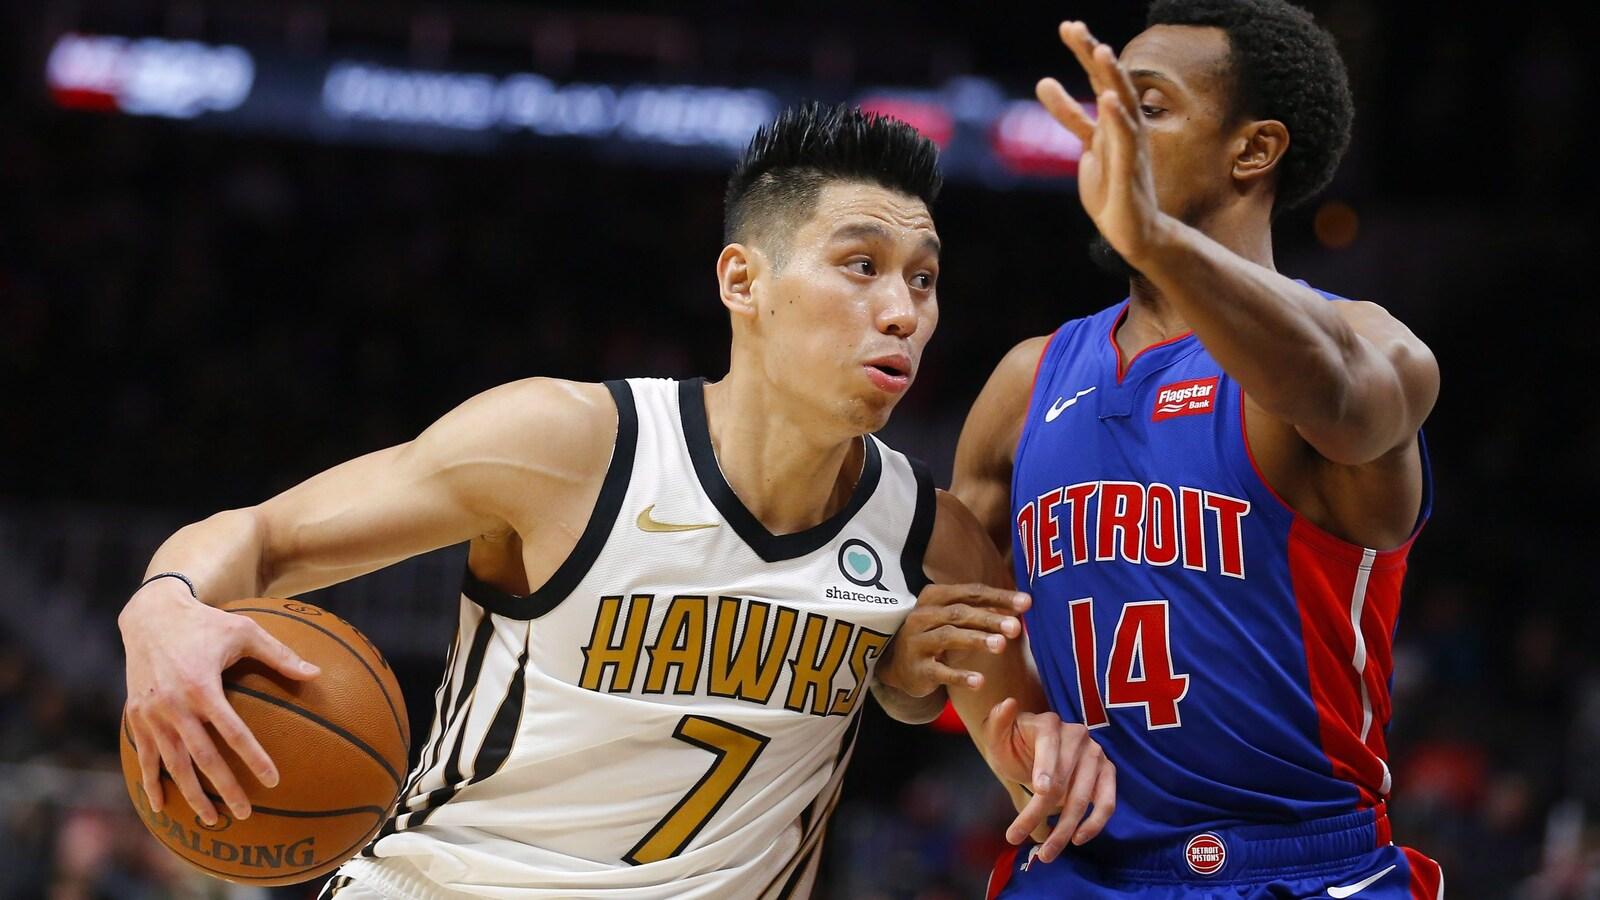 Un joueur de basketball en contourne un autre avec le ballon.